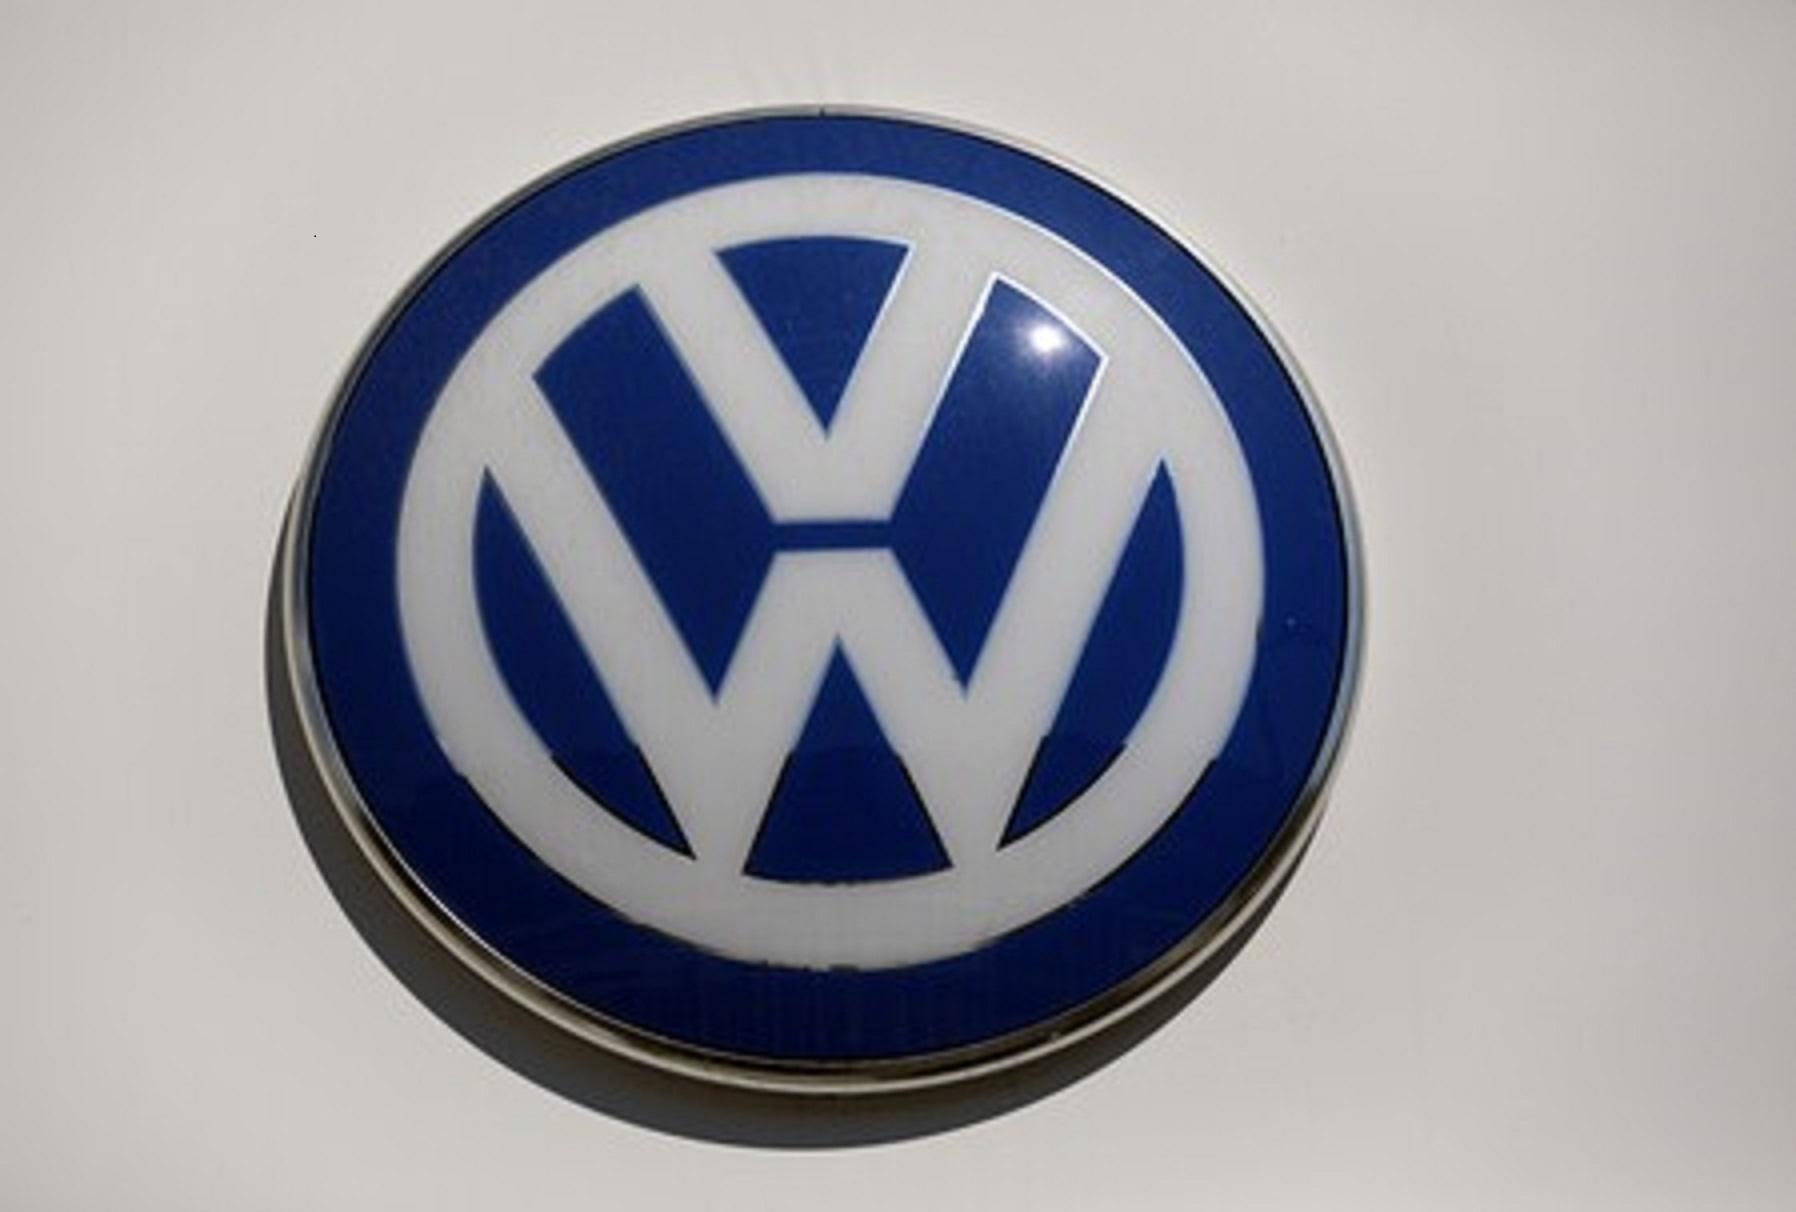 triệu hồi xe,triệu hồi,Volkswagen triệu hồi,Volkswagen